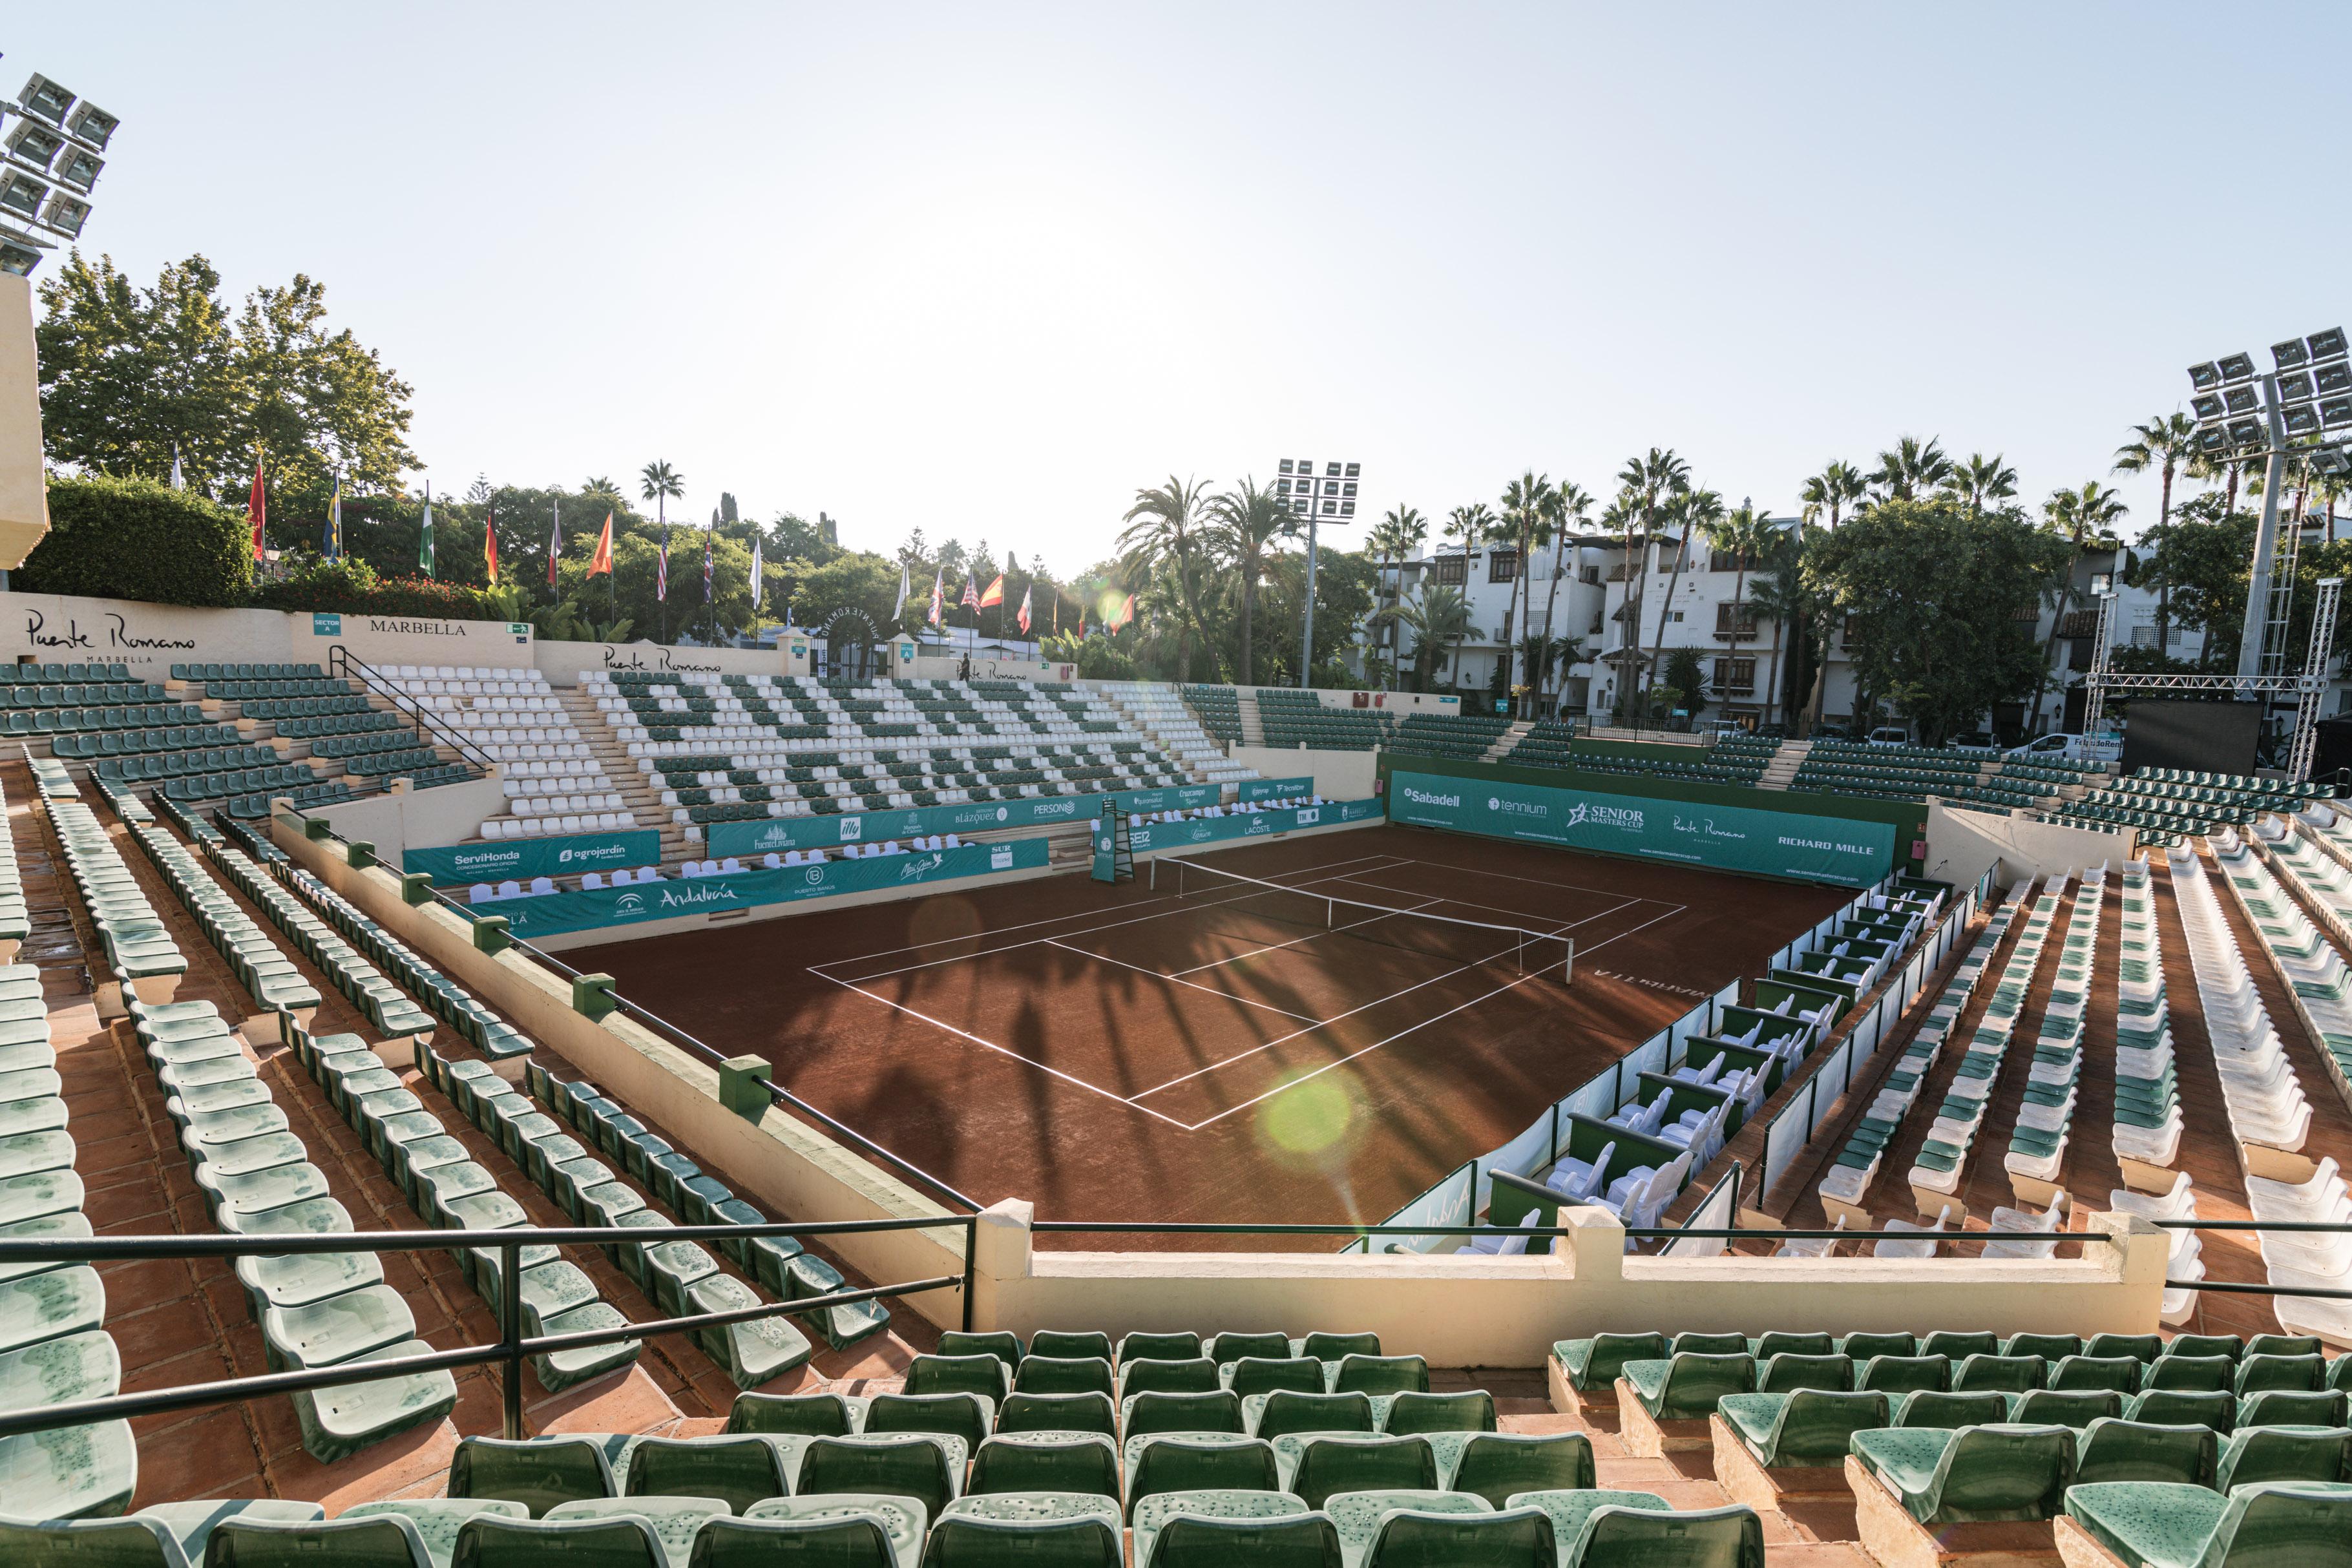 club-de-tenis-puente-romano-4